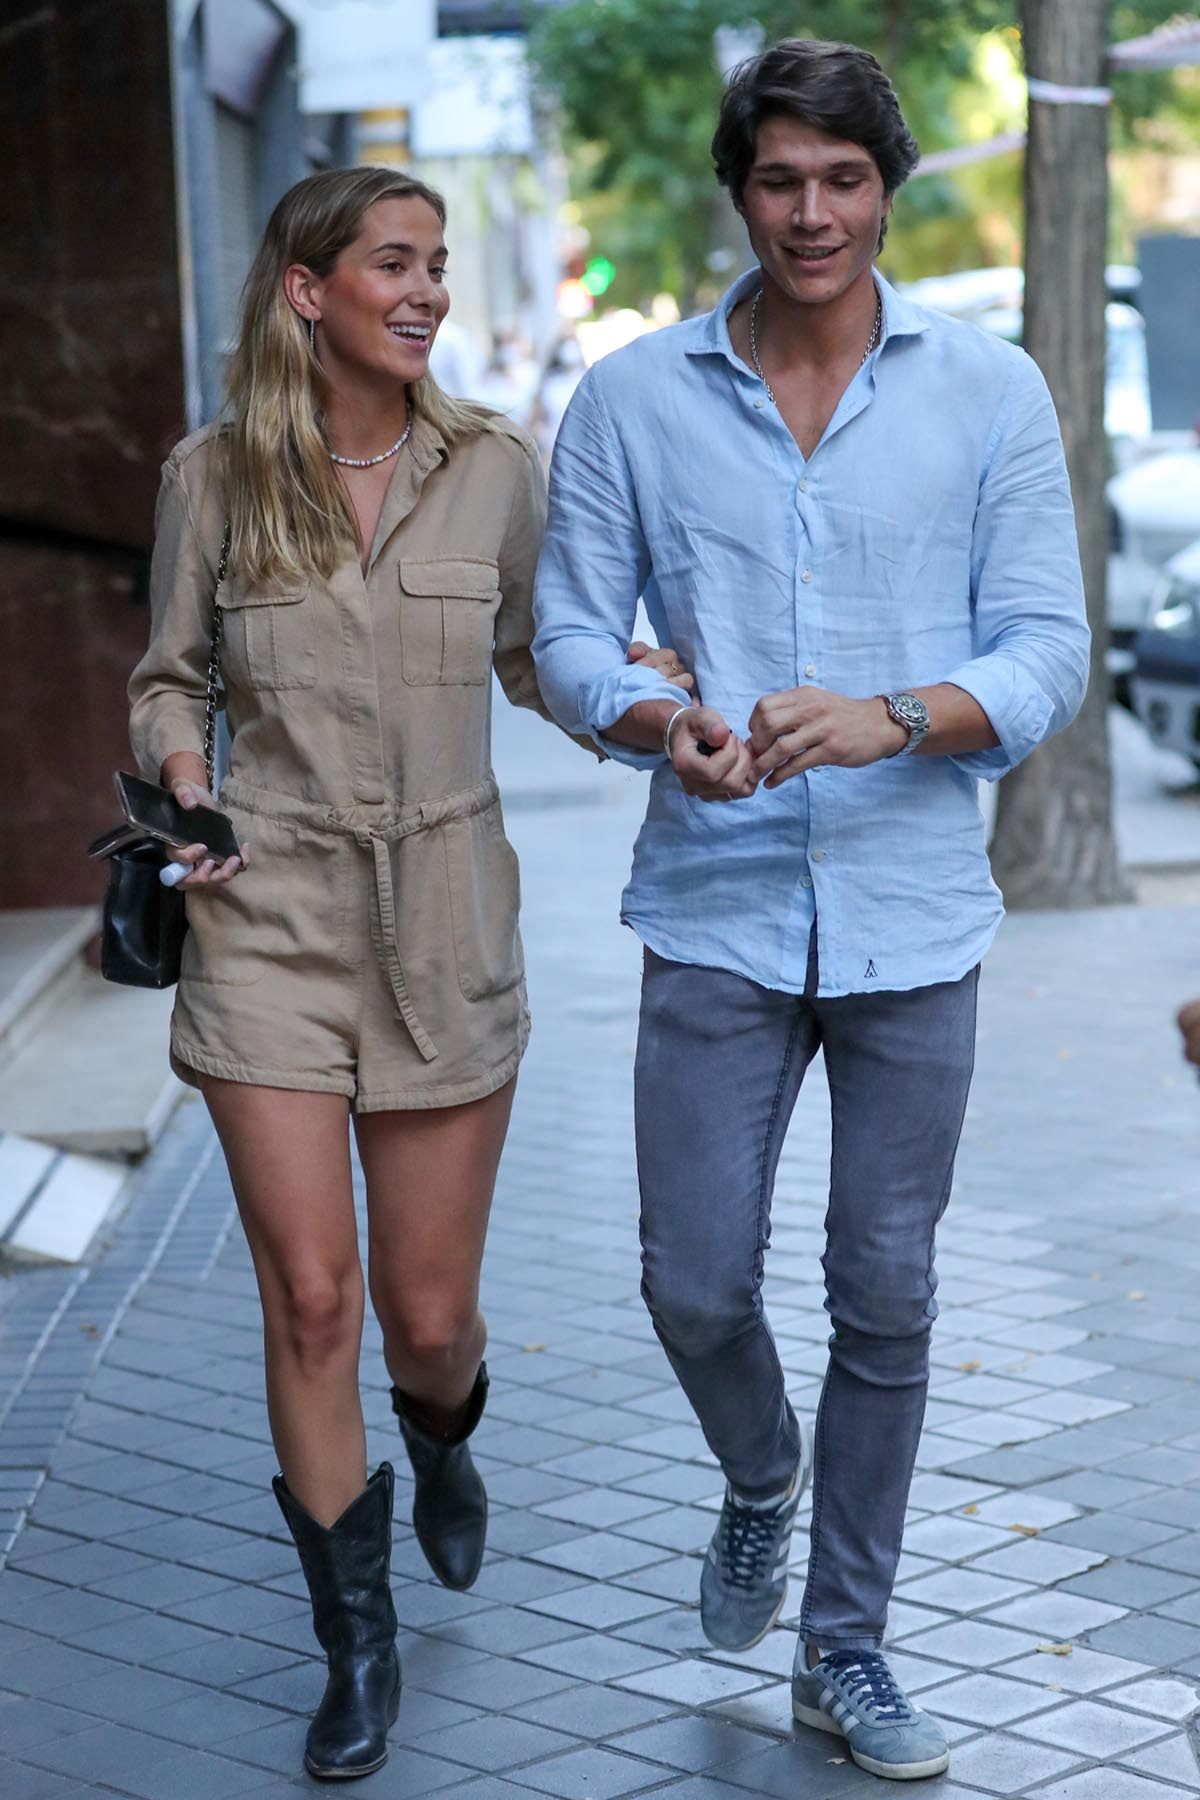 María Pombo y Pablo Castellano están viviendo un momento agridulce ya que aunque están felices por el embarazo, también les preocupa el diagnóstico médico de la joven / GTRES